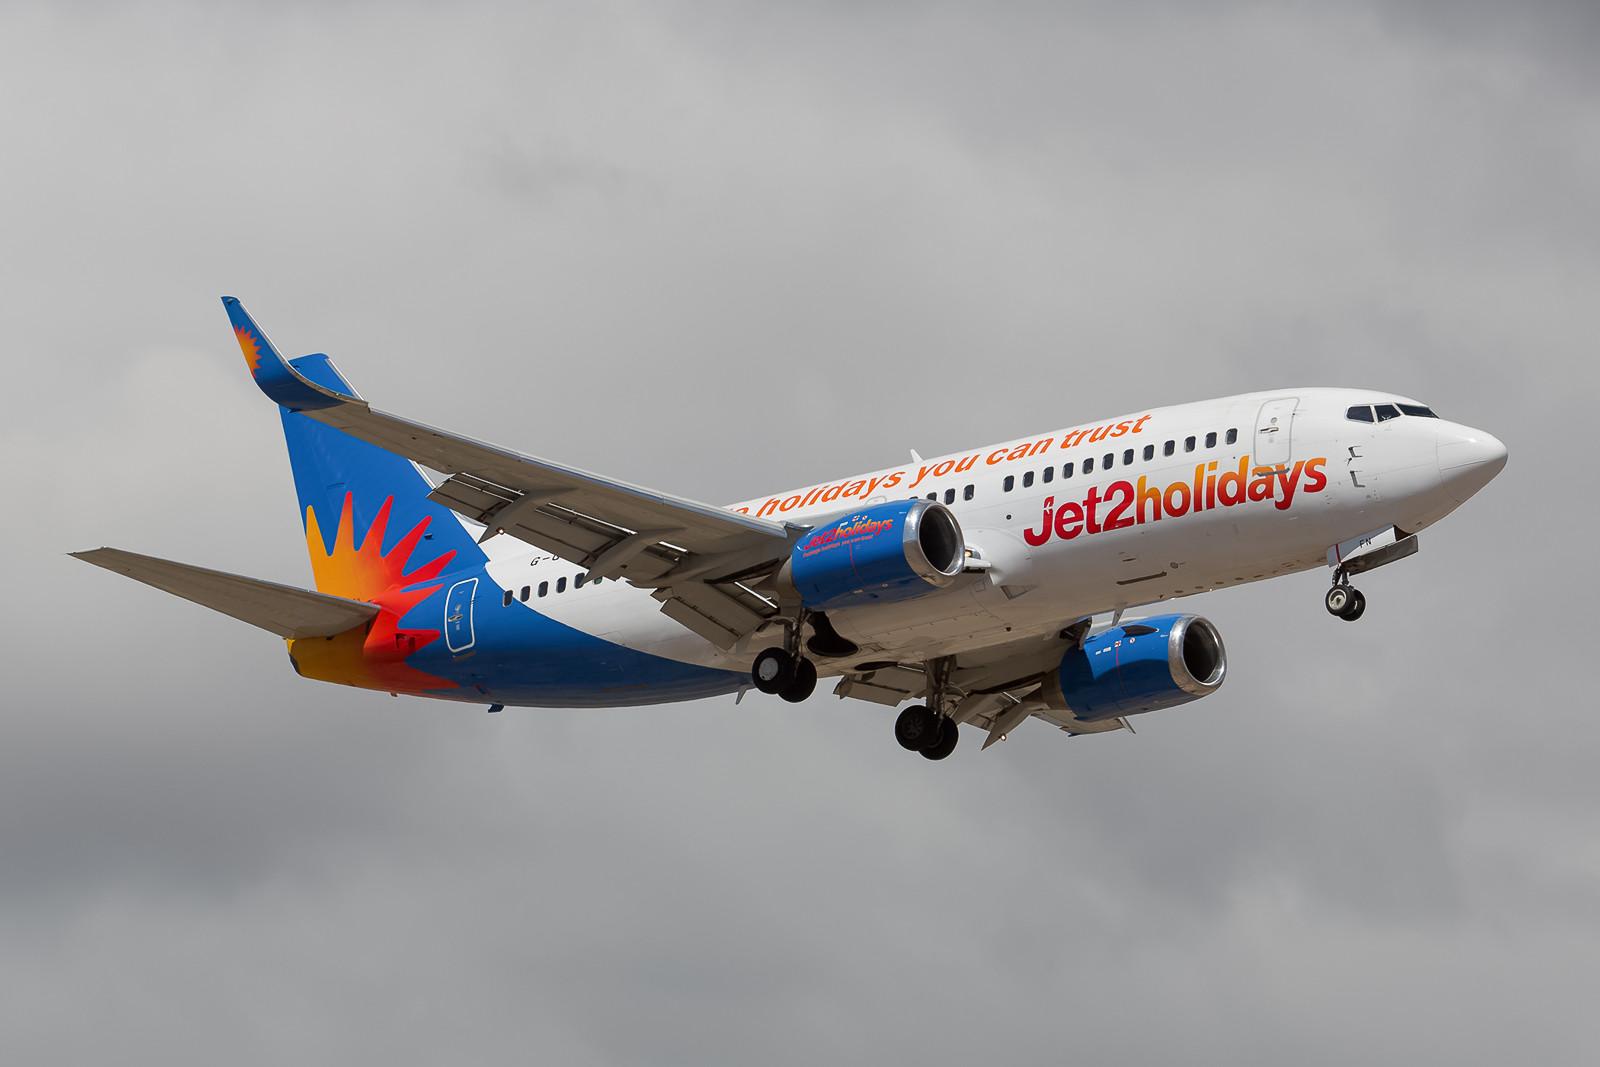 Gut rumgekommen ist diese Boeing 737-33V schon (ex-easyjet, ex-Sky Europe, ex-Air Baltic).